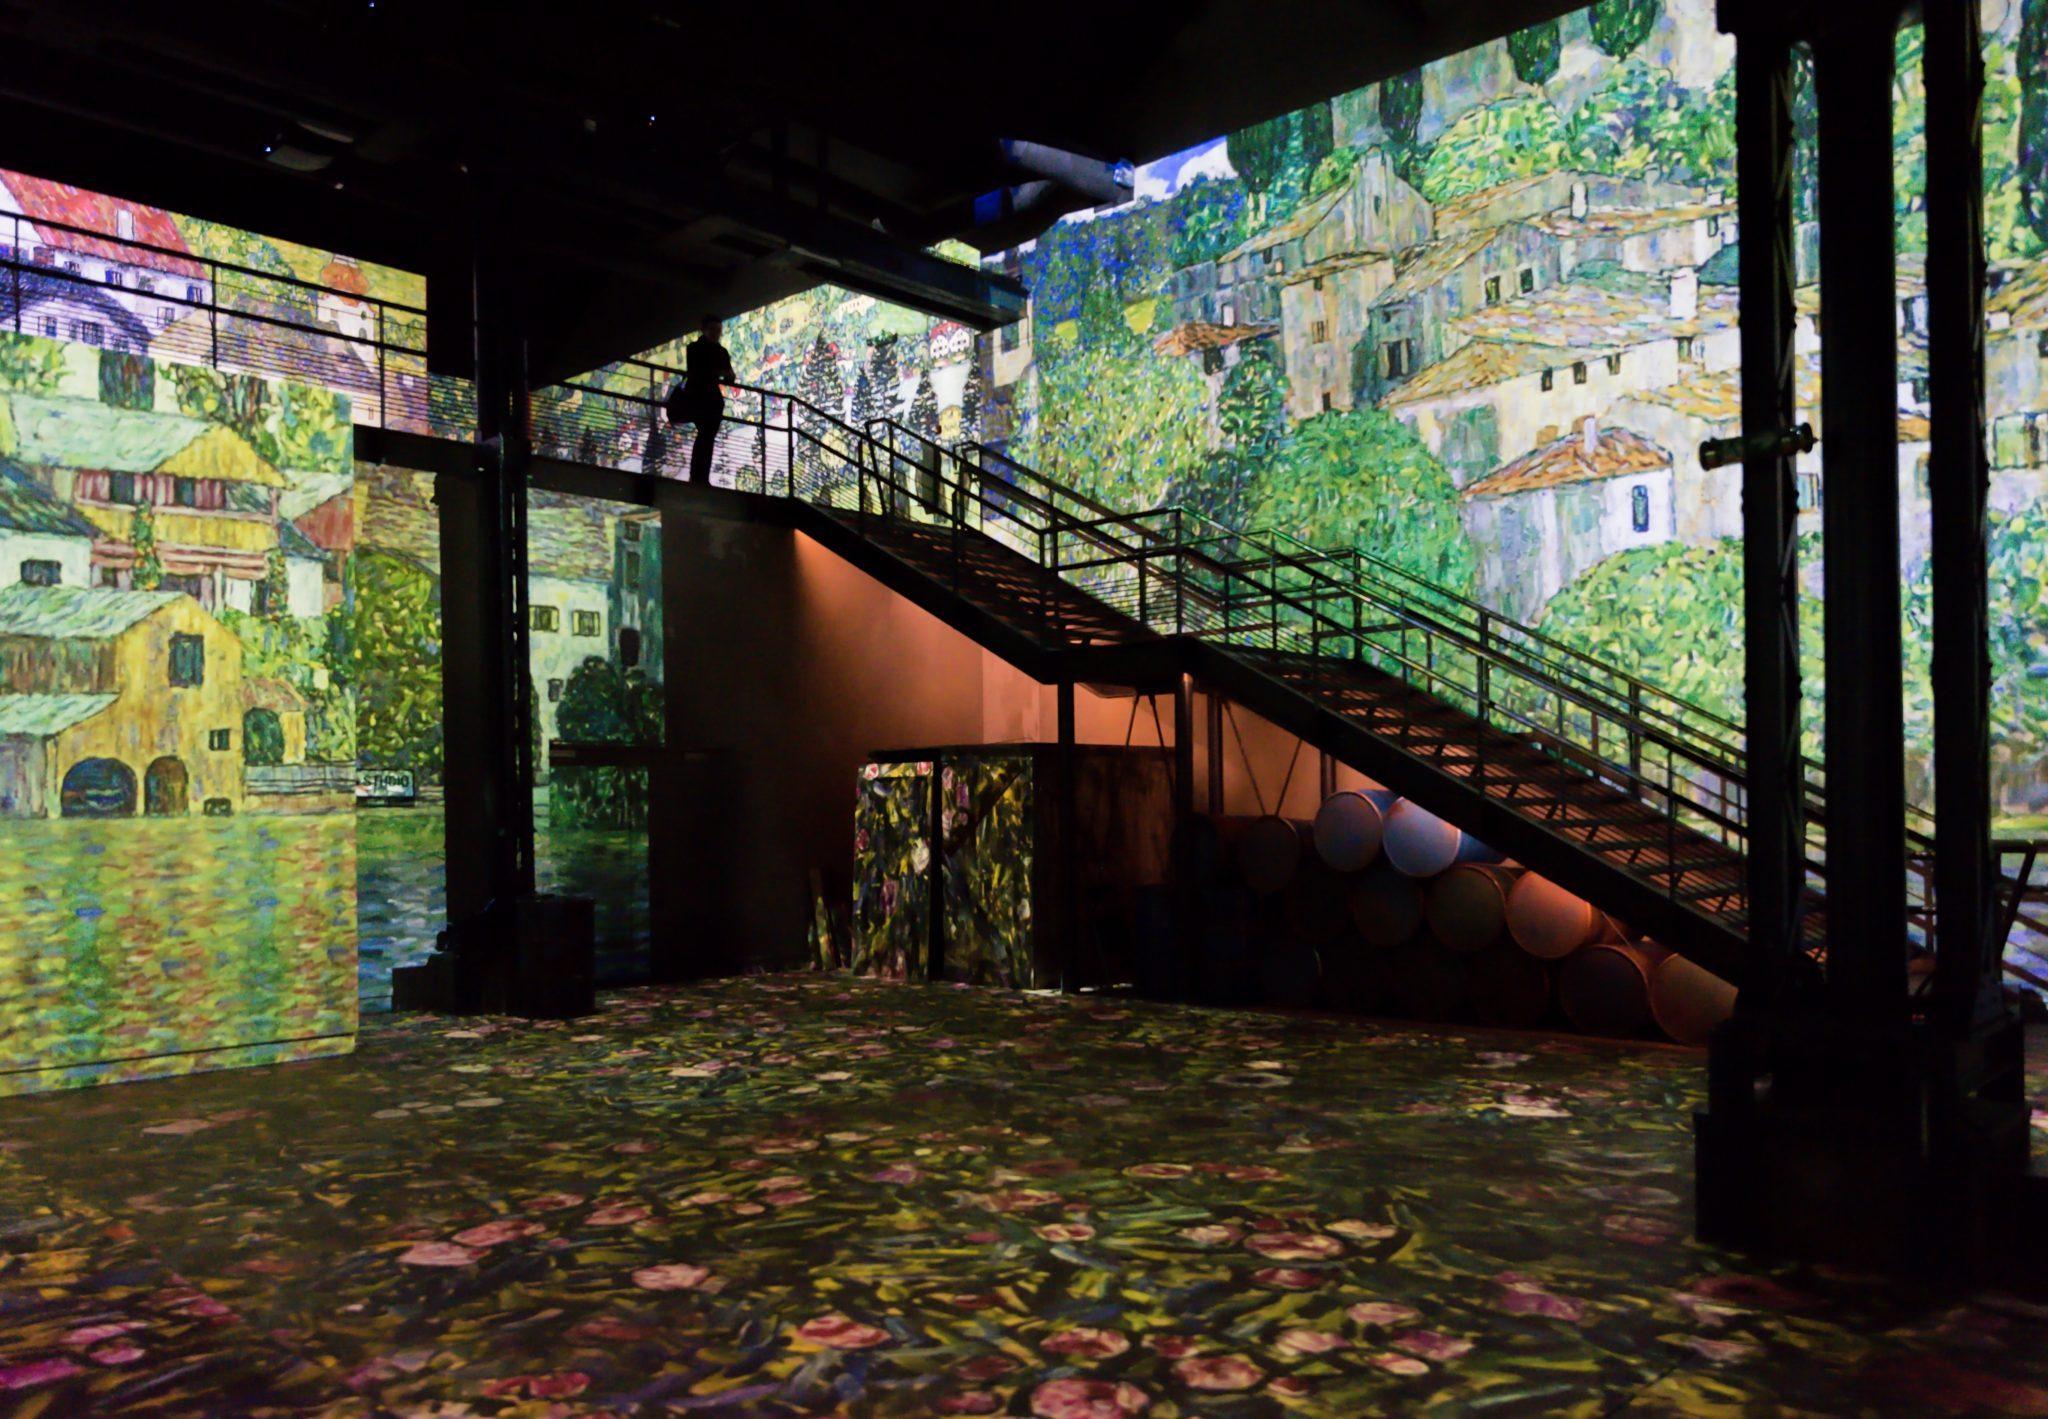 Gustav Klimt, une immersion dans l'art et la musique - Atelier des Lumières photo 3